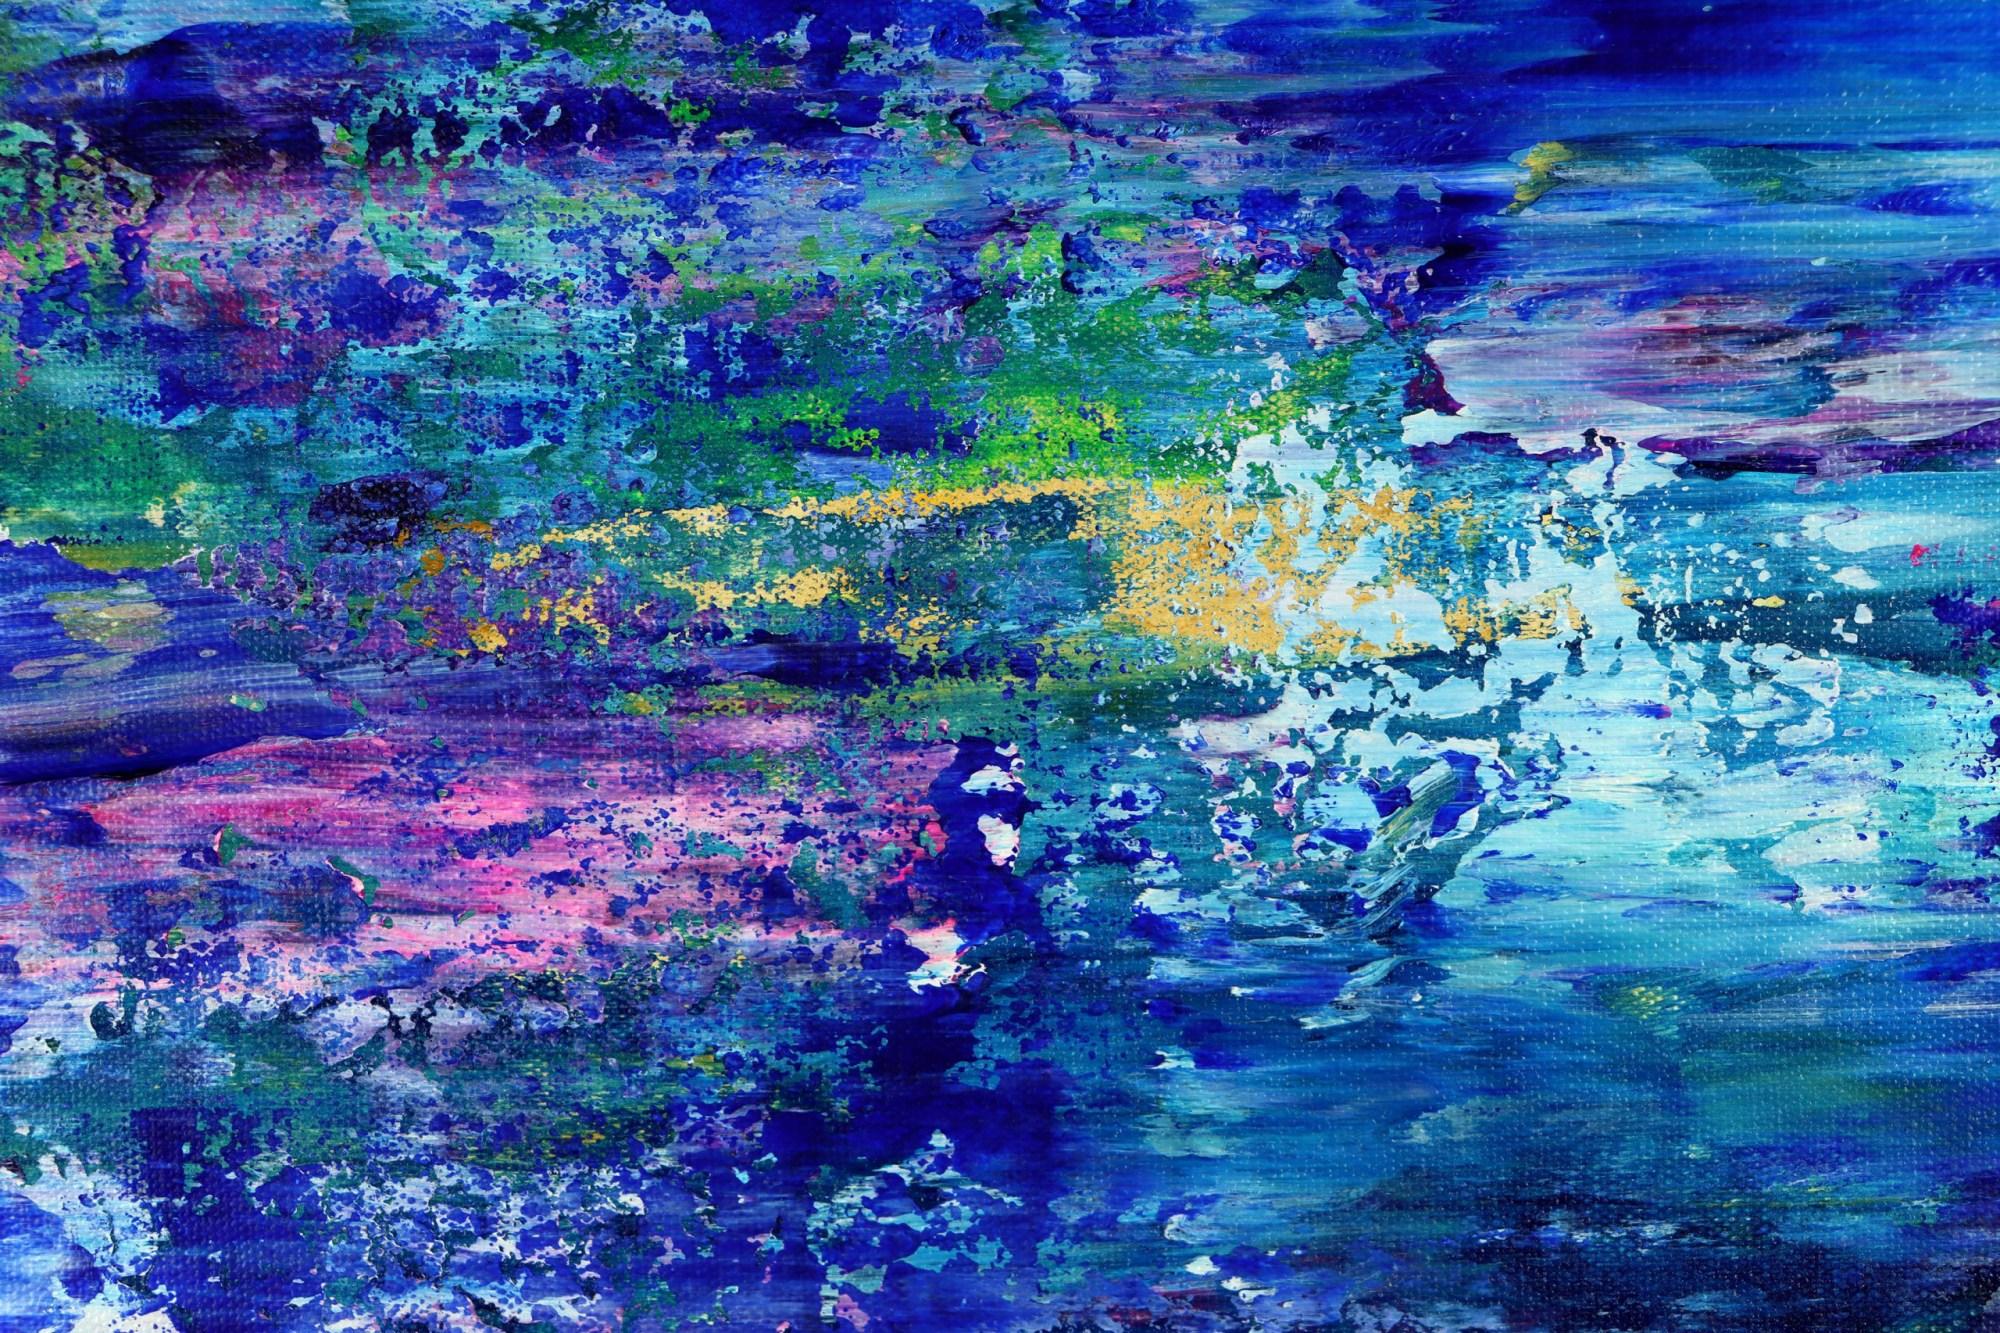 DETAIL / Caribbean Ocean Waters (2021) by Nestor Toro